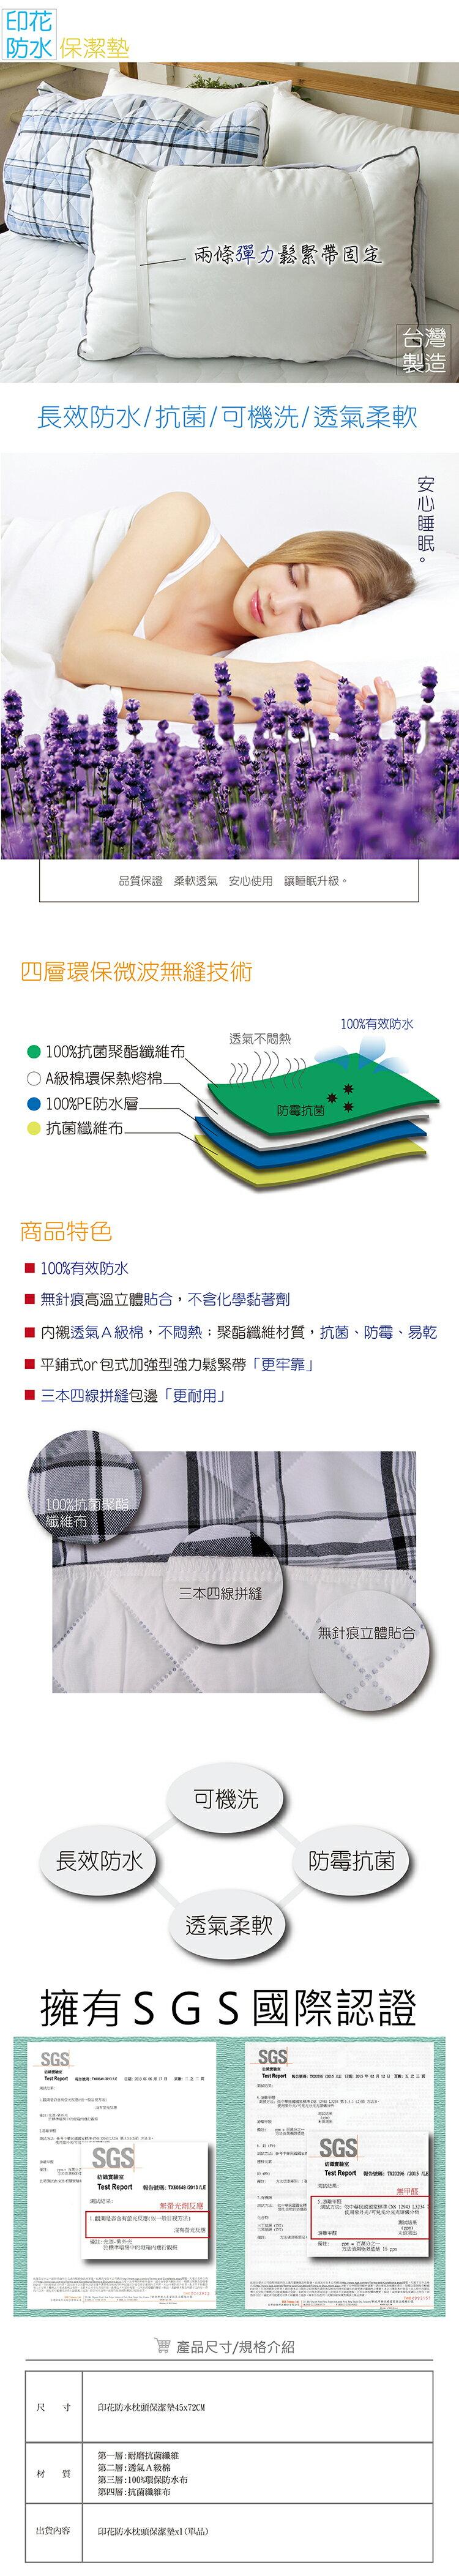 枕頭保潔墊/印花防水(單品)專業4層長效防水、抗菌、可機洗、透氣柔軟 1